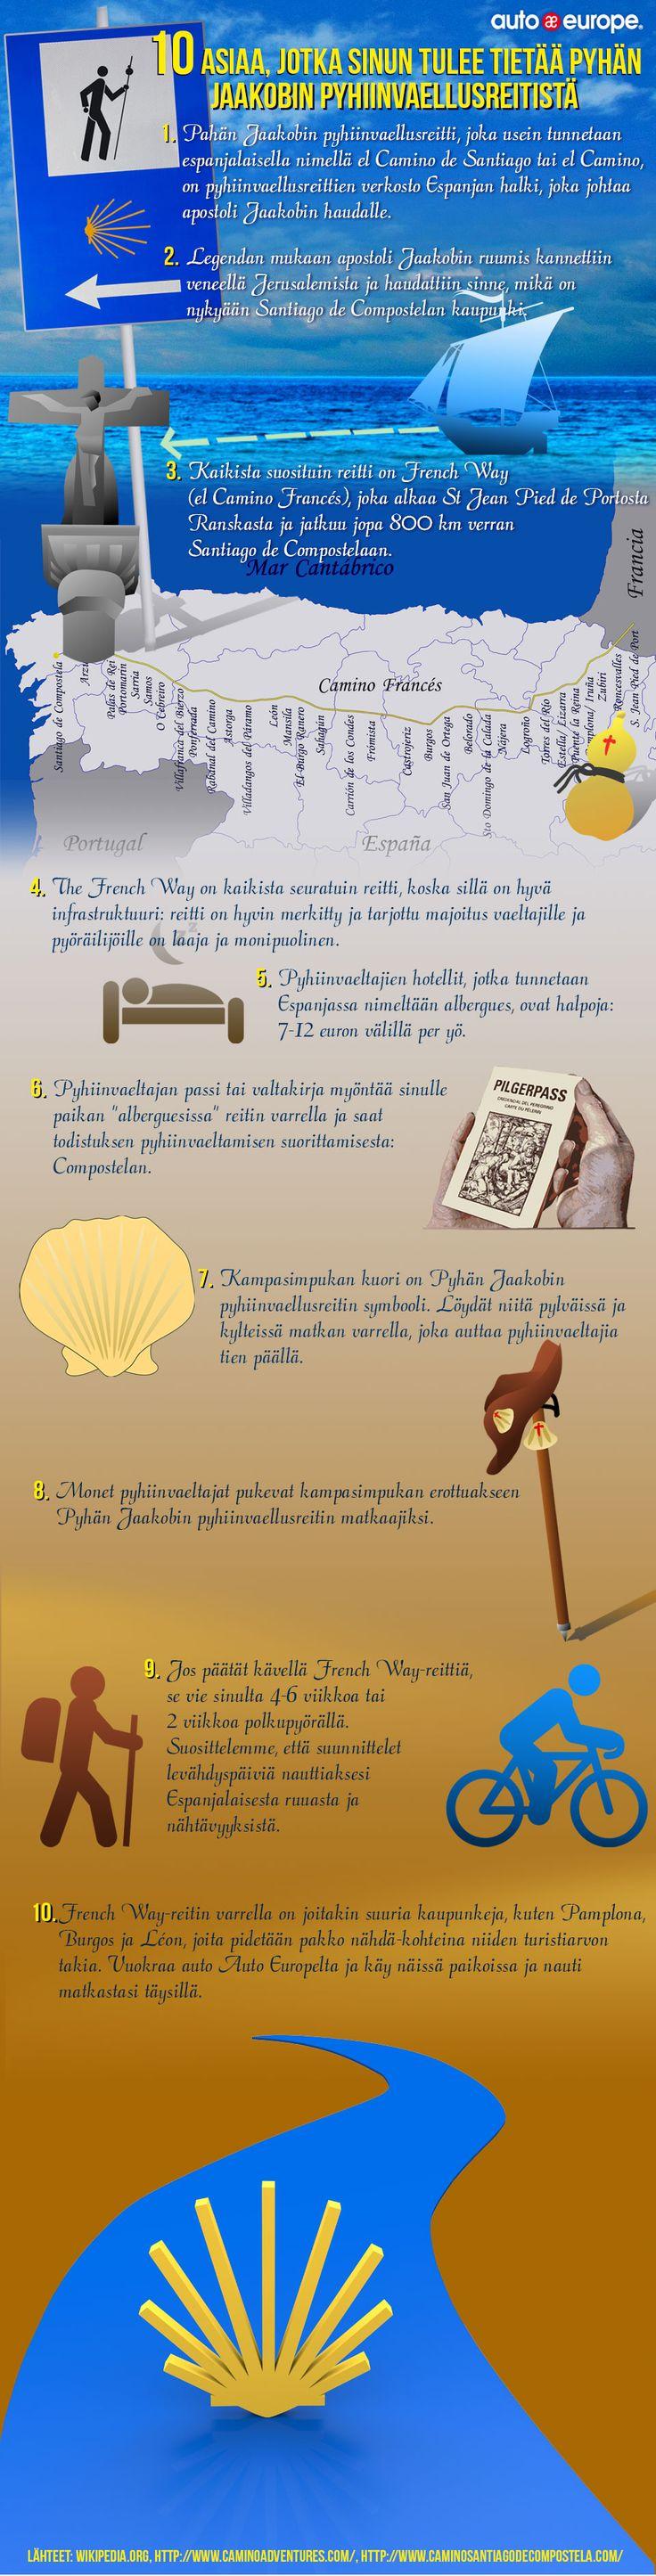 Infografiikka: Pyhän Jaakobin pyhiinvaellusreitti - Muut infografiikkamme löydät täältä: www.autoeurope.fi